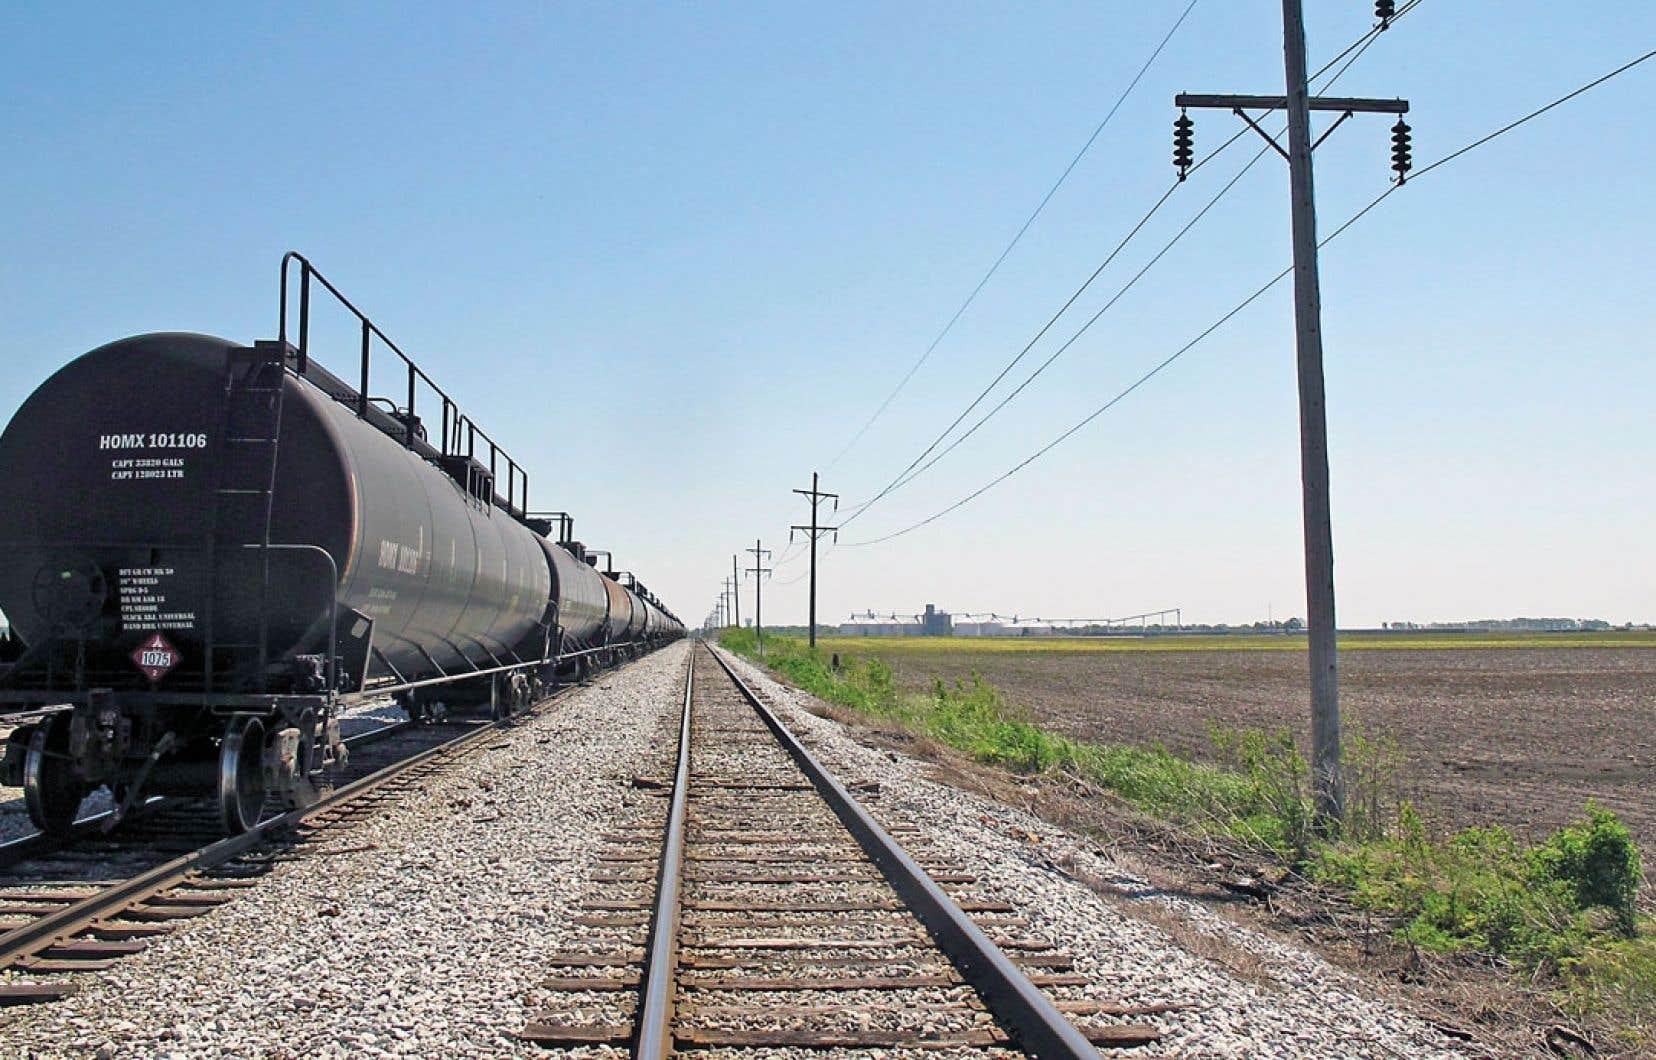 On compte 310 000 wagons-citernes en Amérique du Nord. Au Canada et aux États-Unis, les autorités responsables du transport ont refusé d'appliquer la recommandation du Bureau américain visant à renforcer l'armature des vieux wagons à laquelle l'industrie s'opposait.